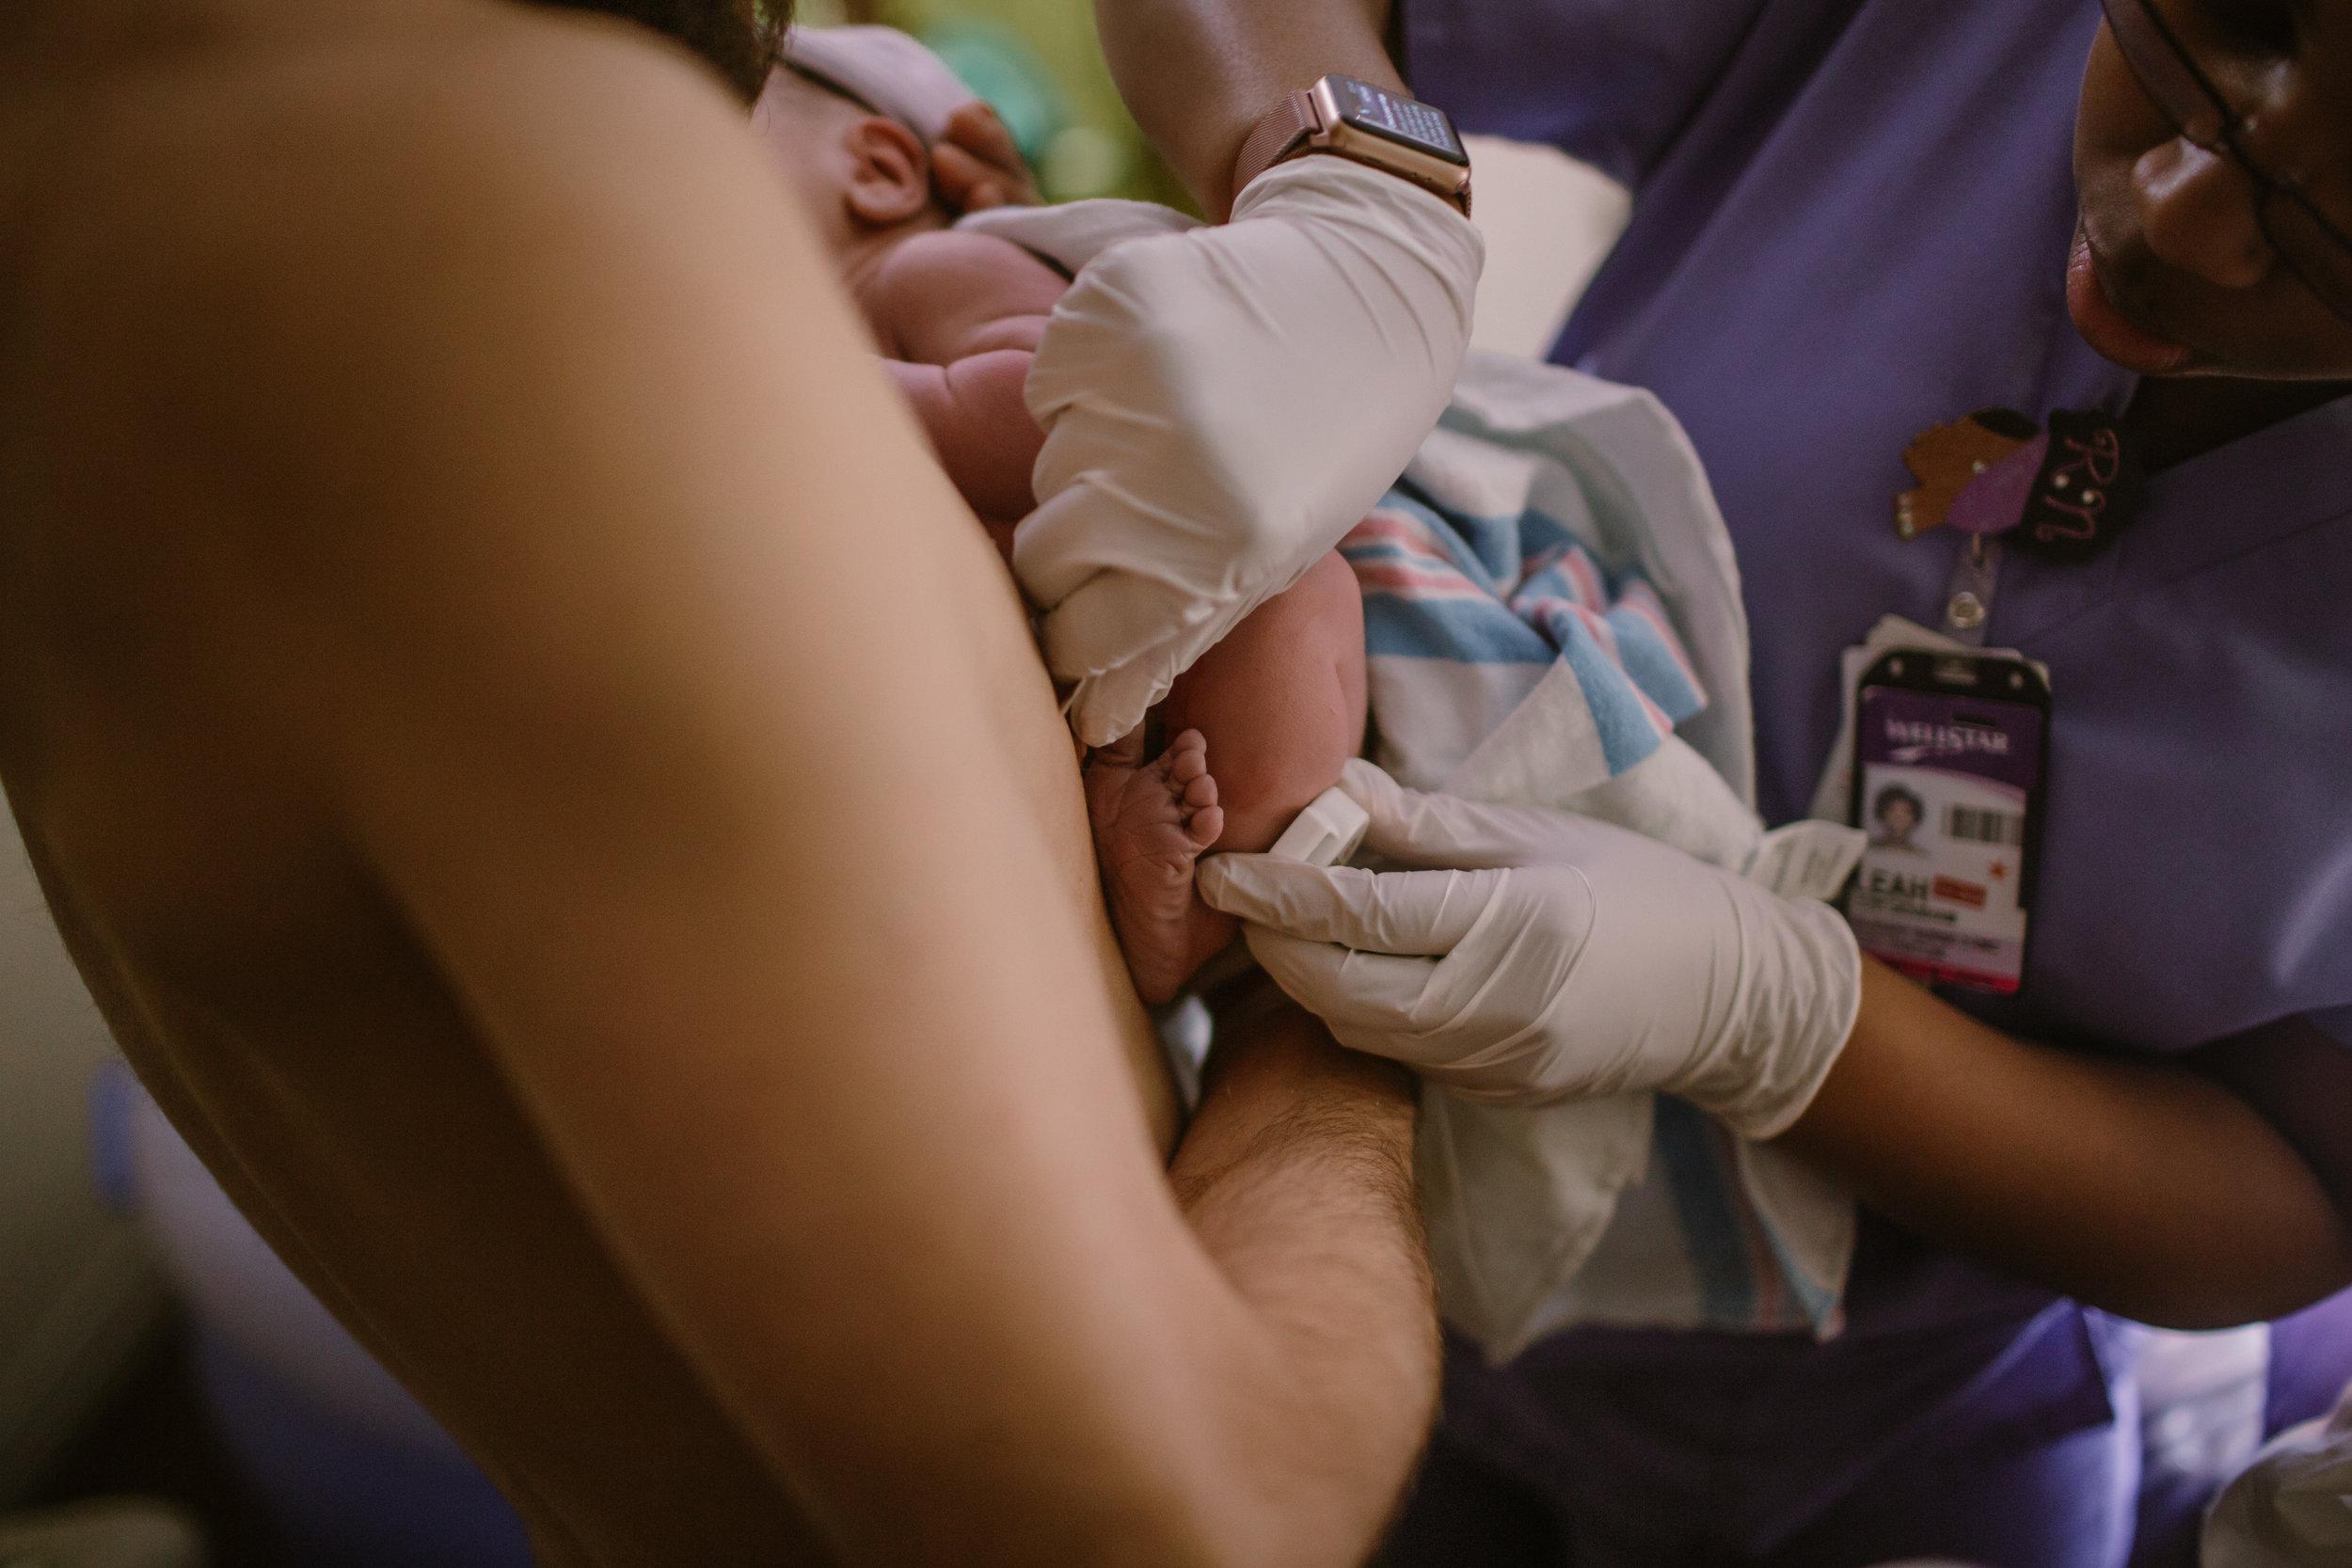 SGP_Rebekah&Ahren_BirthStory070.JPG